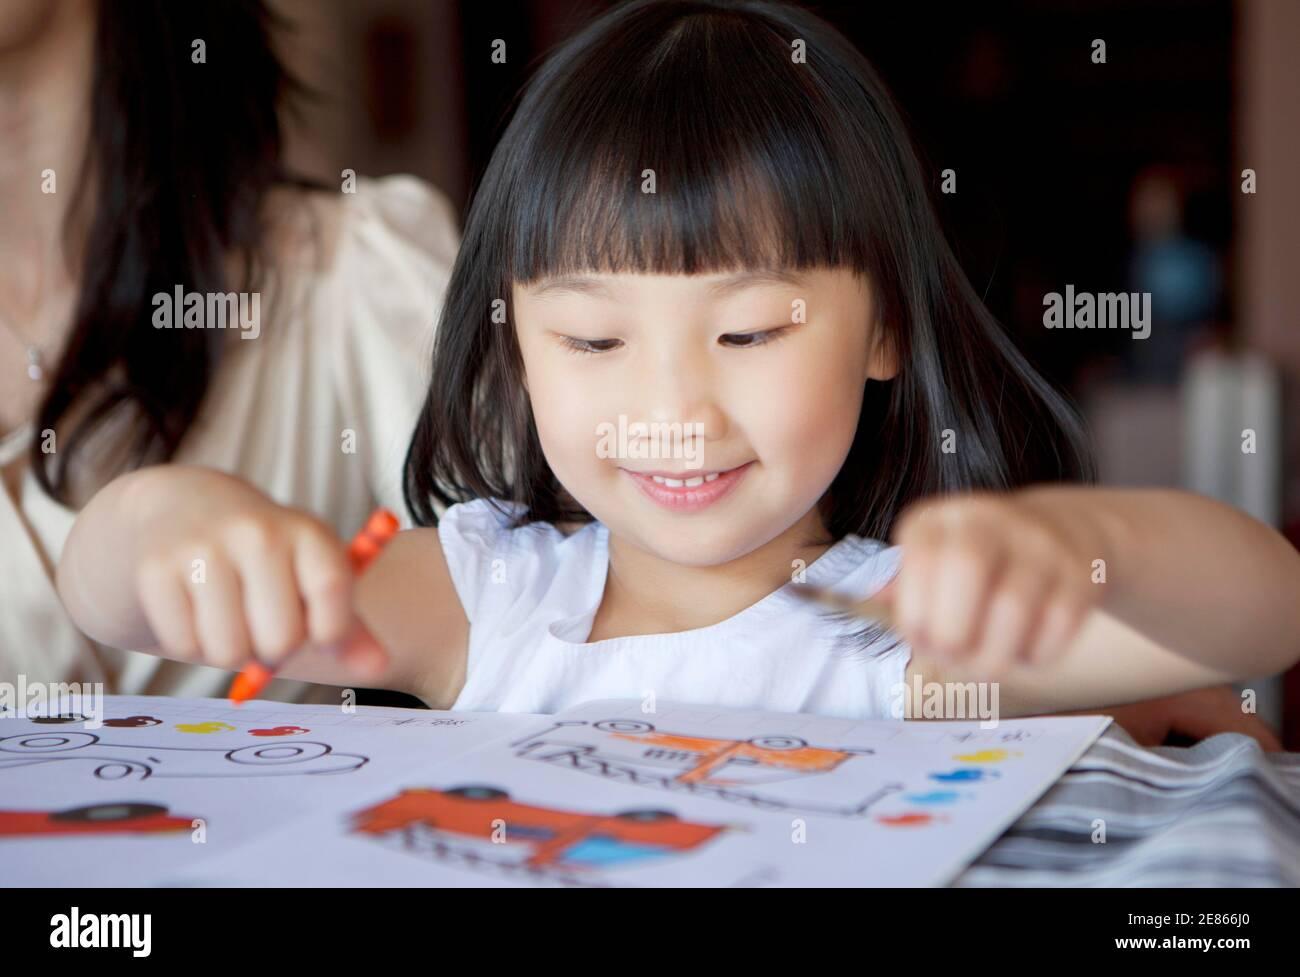 Portrait of Girls dessine des photos de haute qualité Banque D'Images